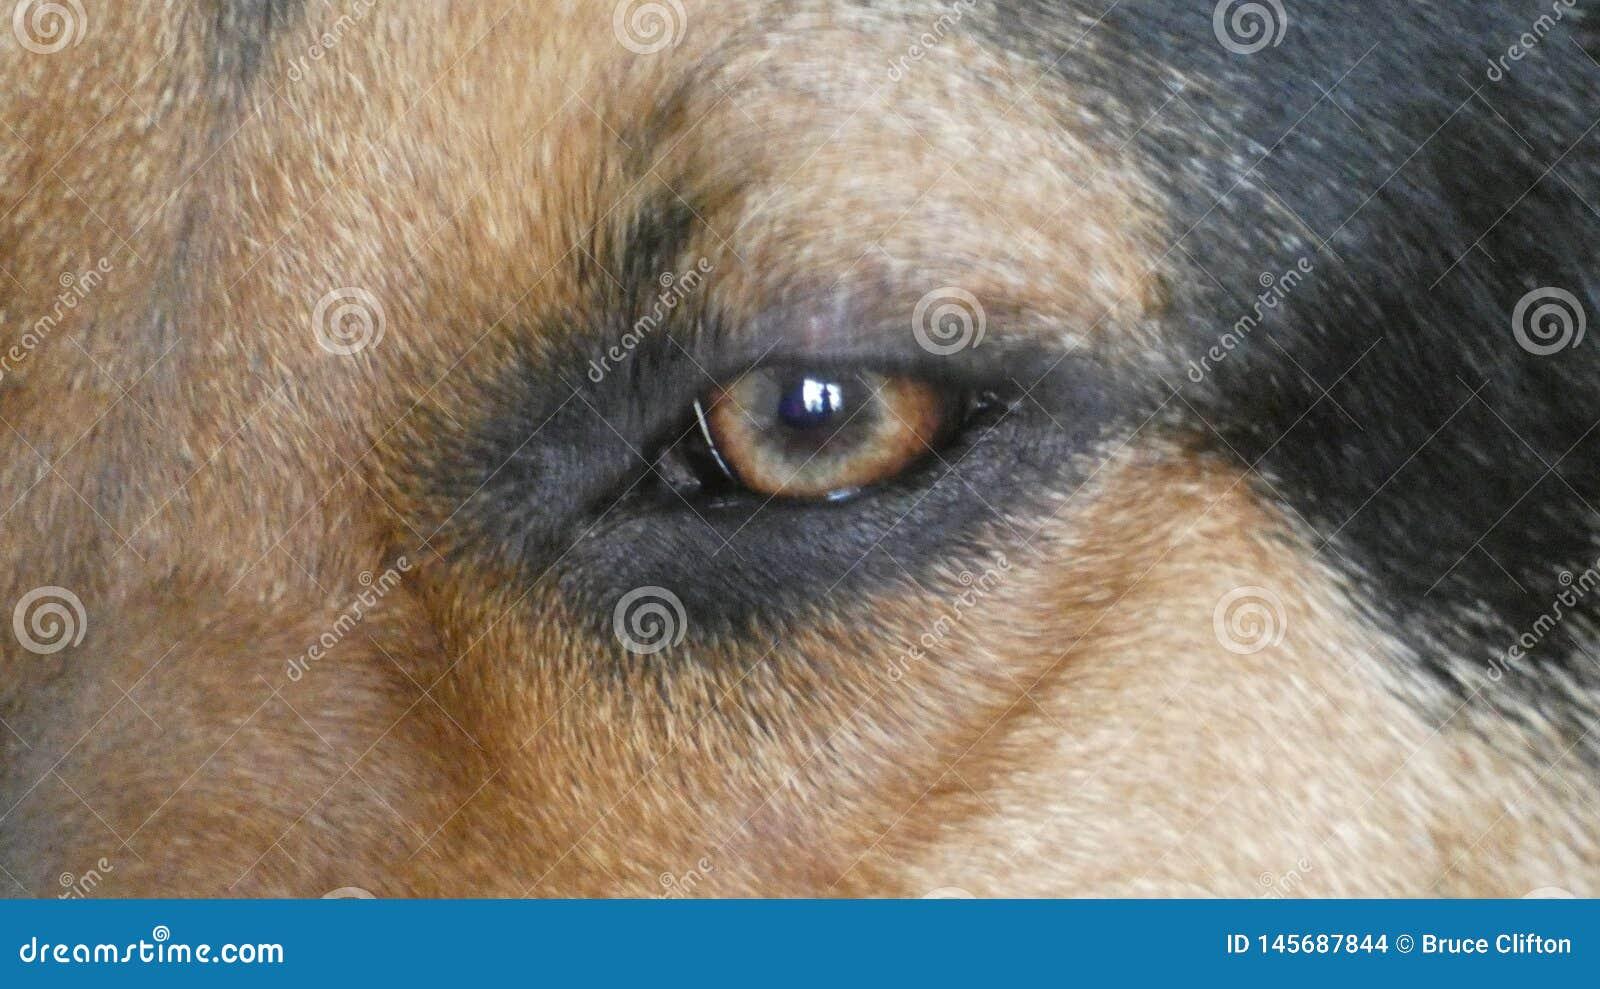 Huntaway dog 17